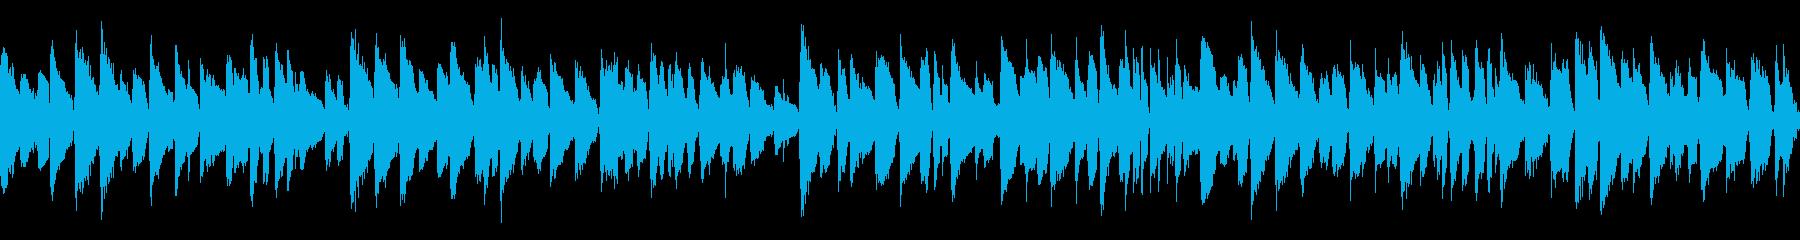 高級感あるジャズで名曲「夢路より」ループの再生済みの波形